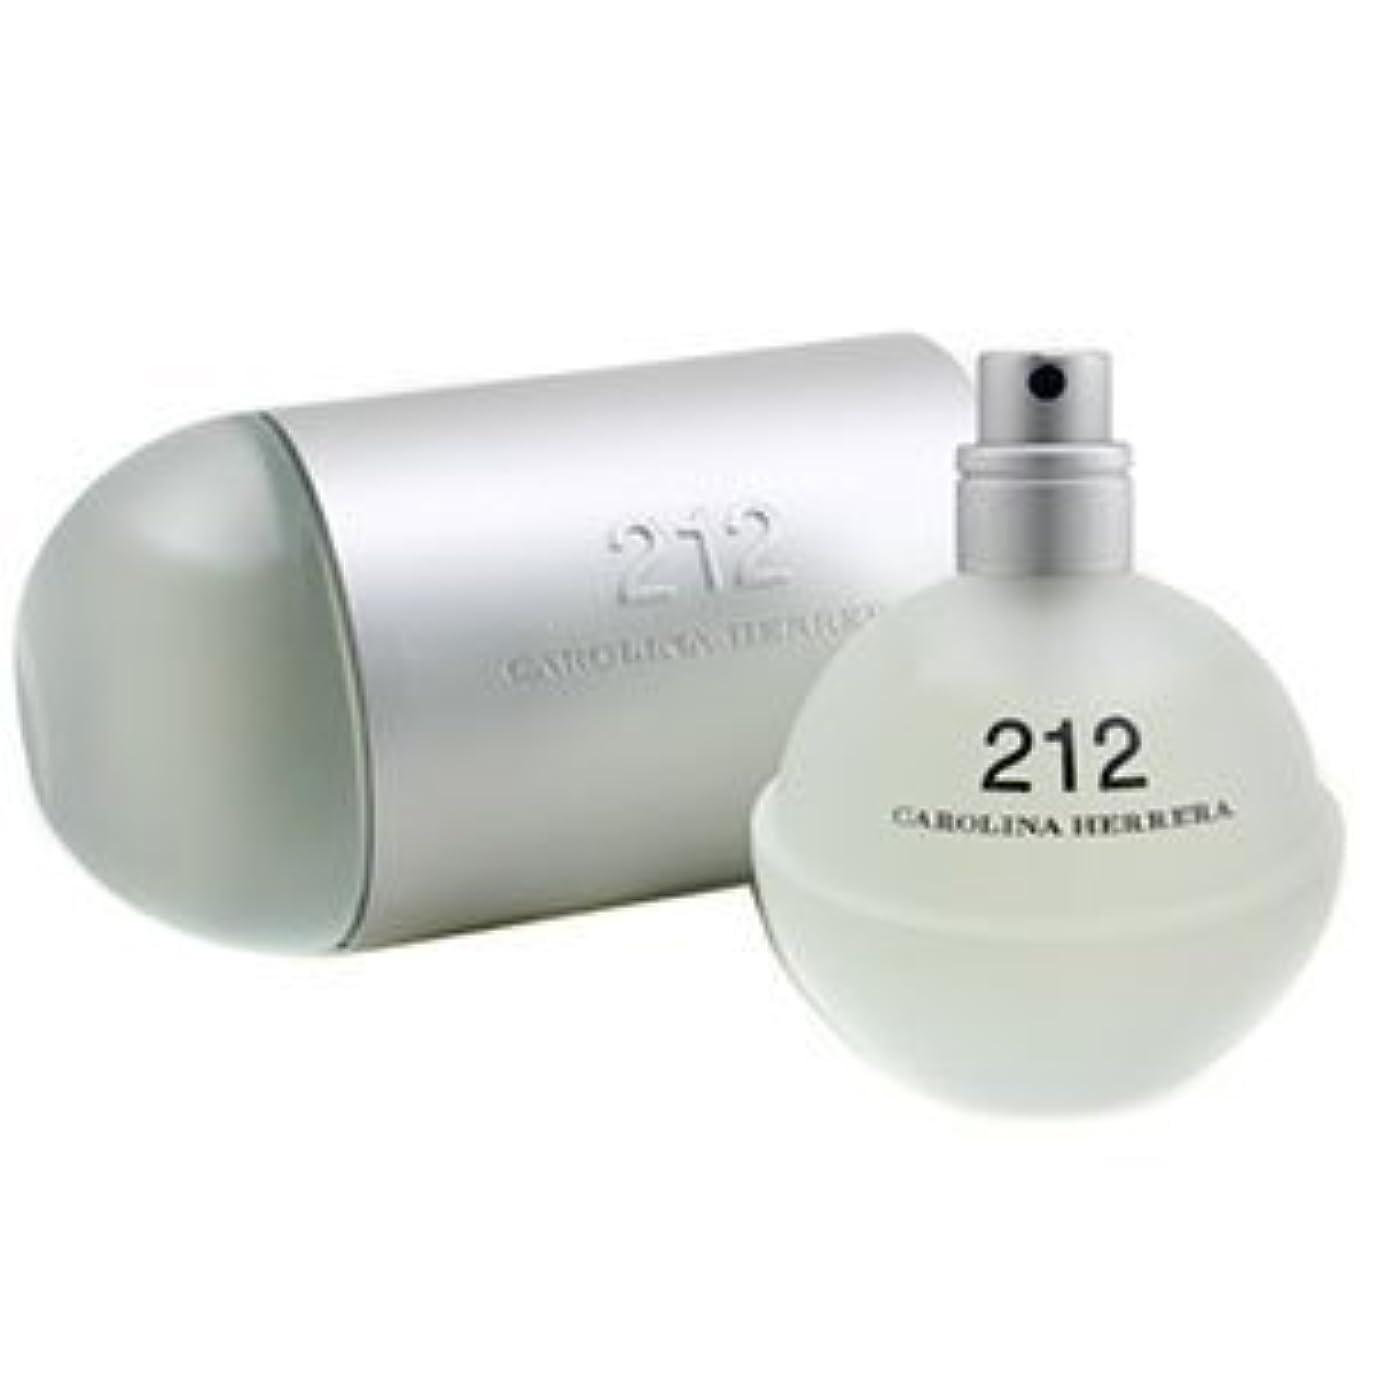 協力する異なる砂利キャロライナ ヘレラ 香水 212 EDT SP 60ml ( 30ml ×2) 【並行輸入品】